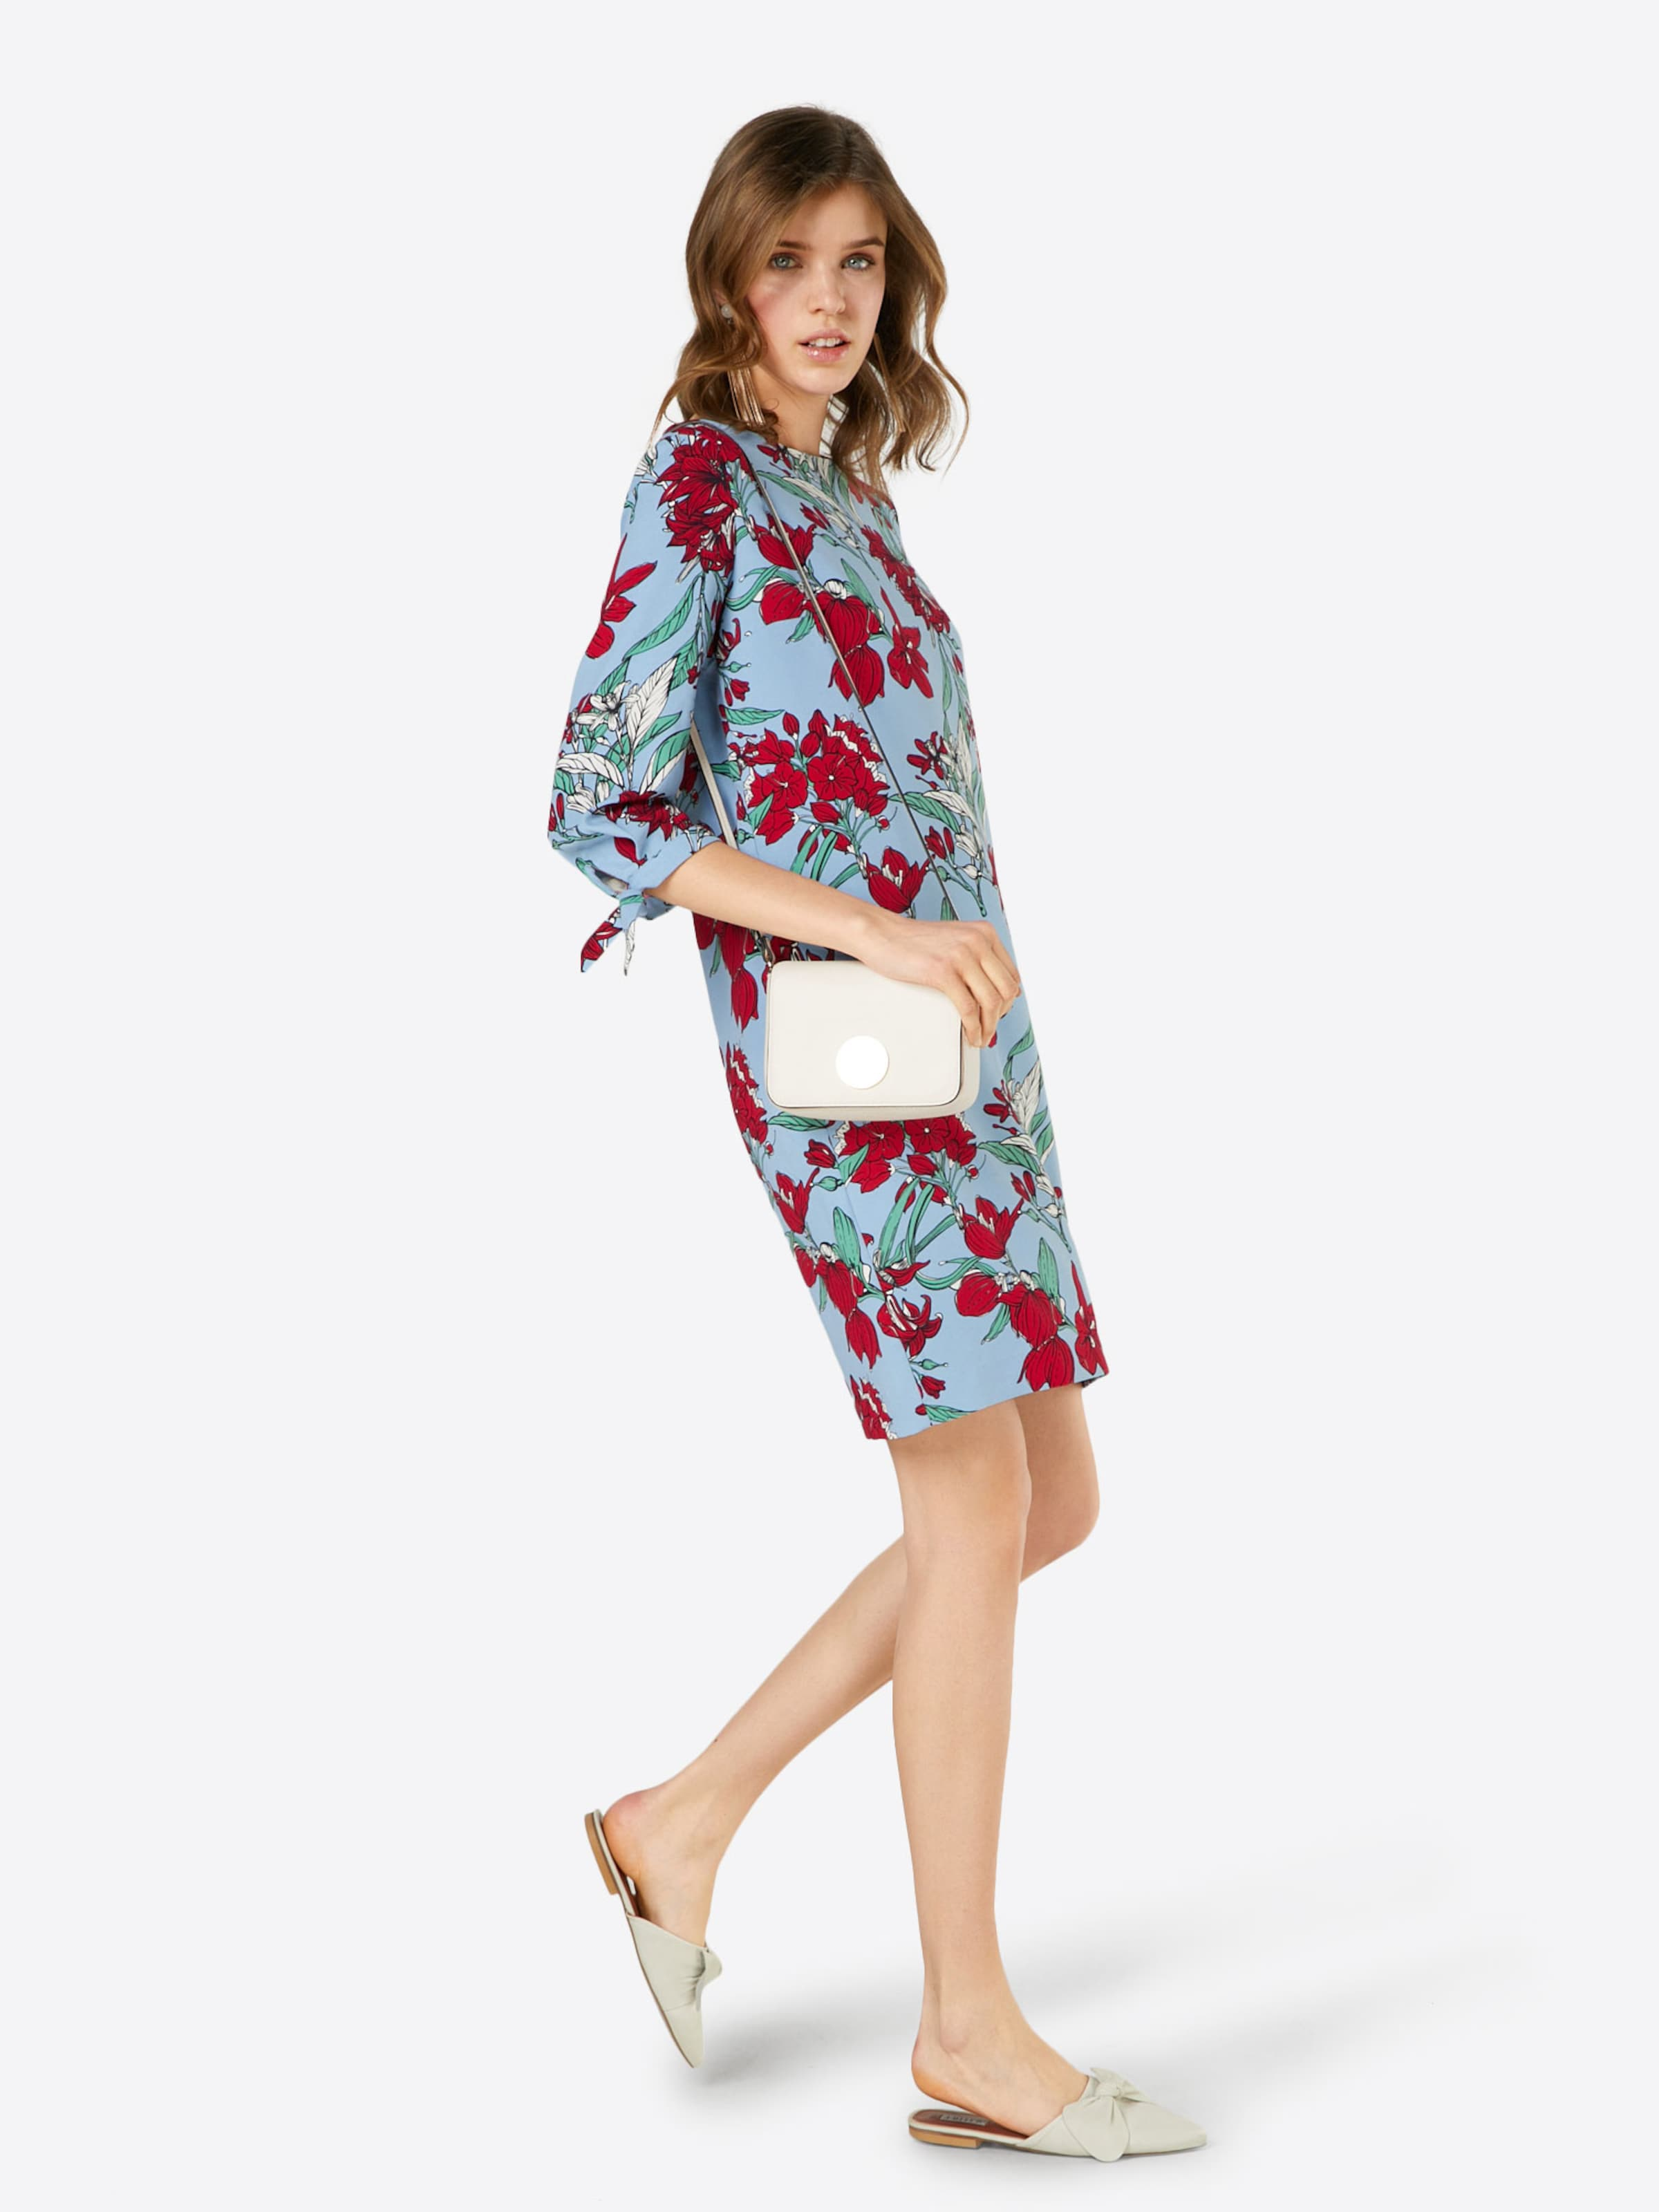 s.Oliver RED LABEL Kleid mit floralem Muster Kaufen Neueste ZbUKOaE